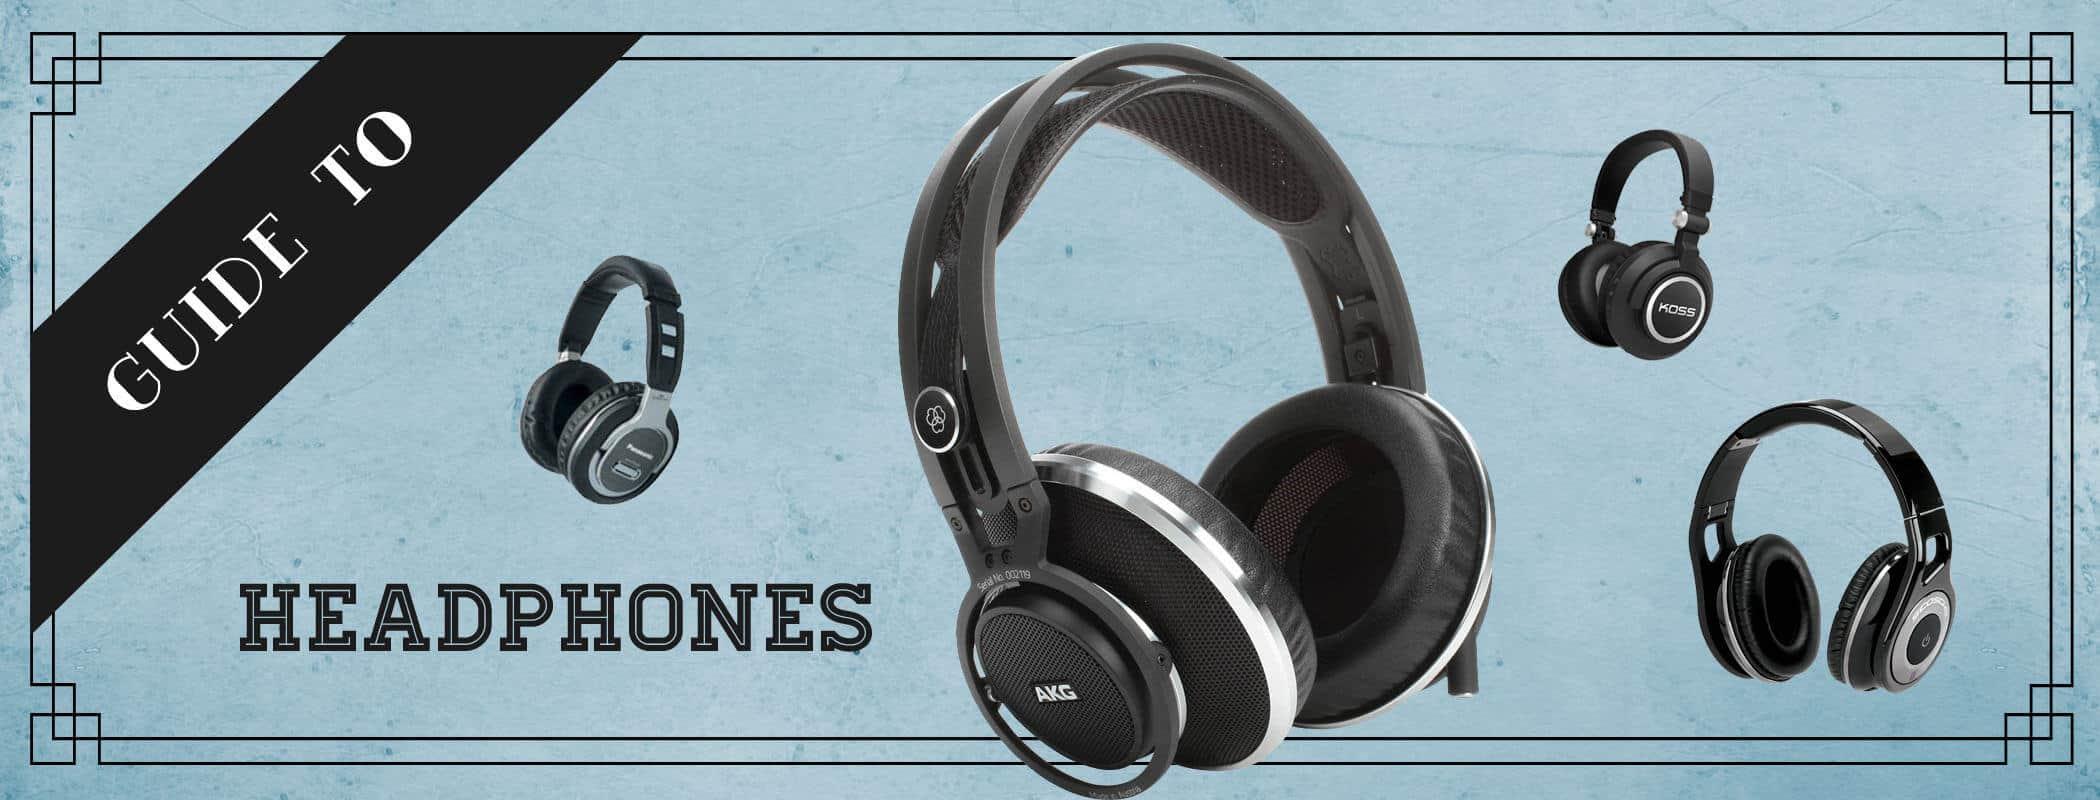 The Headphones Primer — Gentleman's Gazette